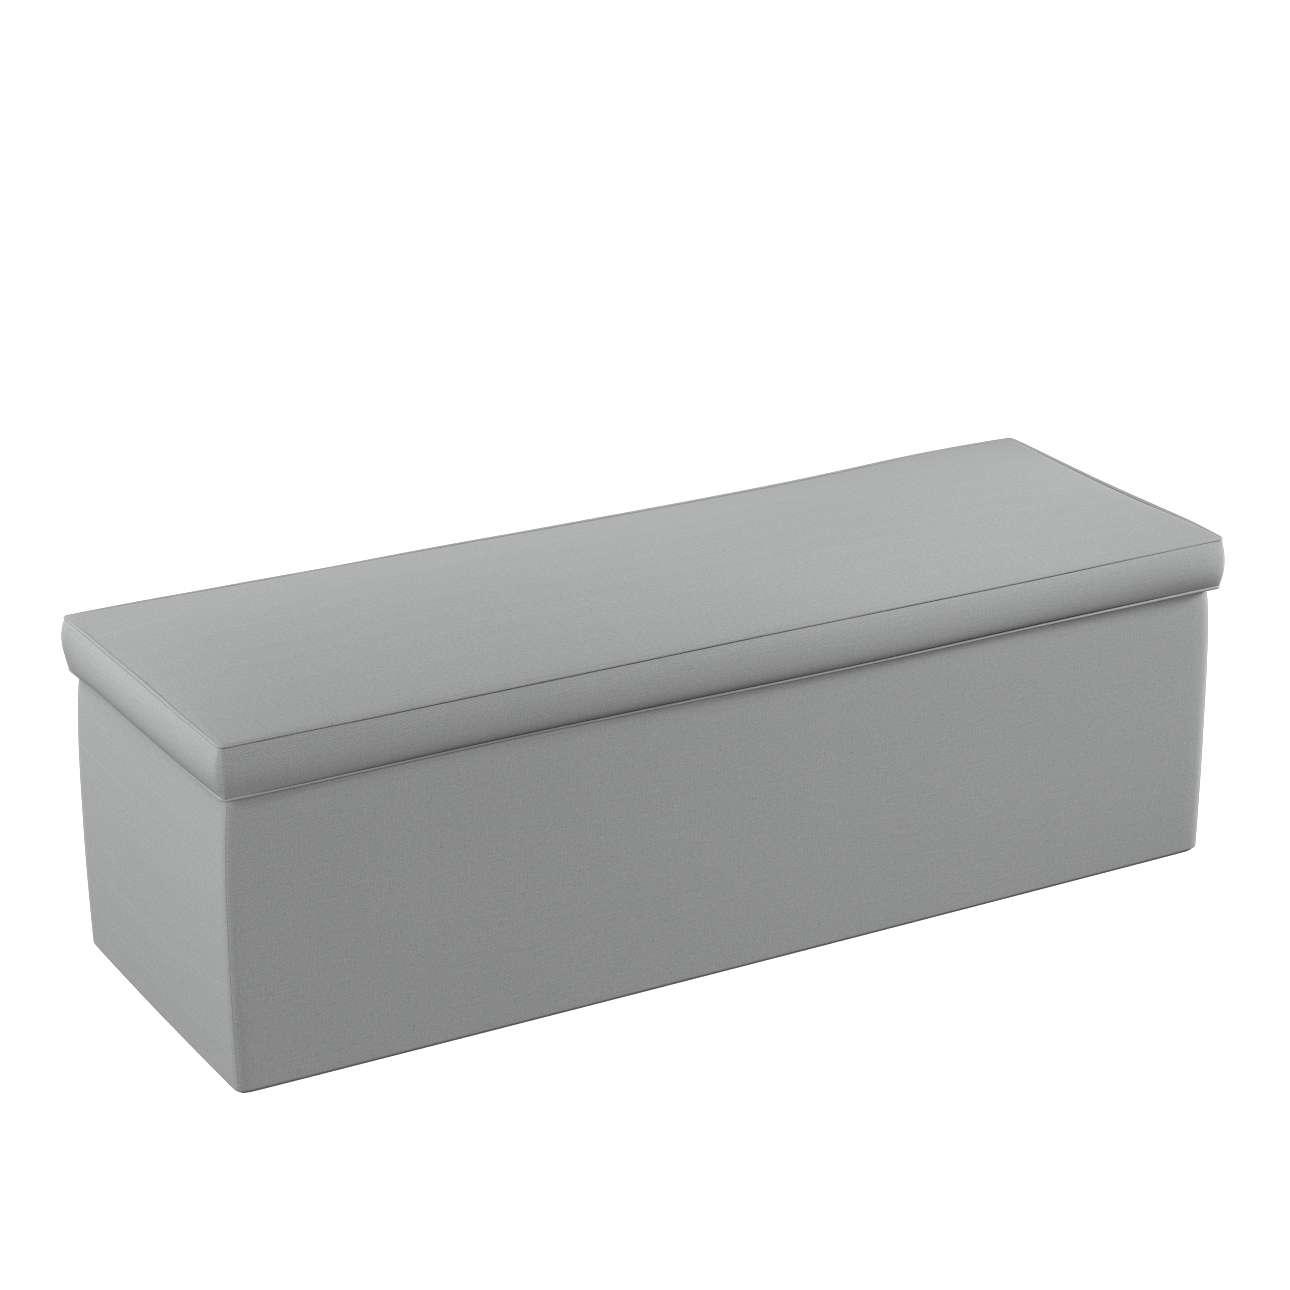 Čalouněná skříň s volbou látky - 2 velikosti v kolekci Loneta, látka: 133-24